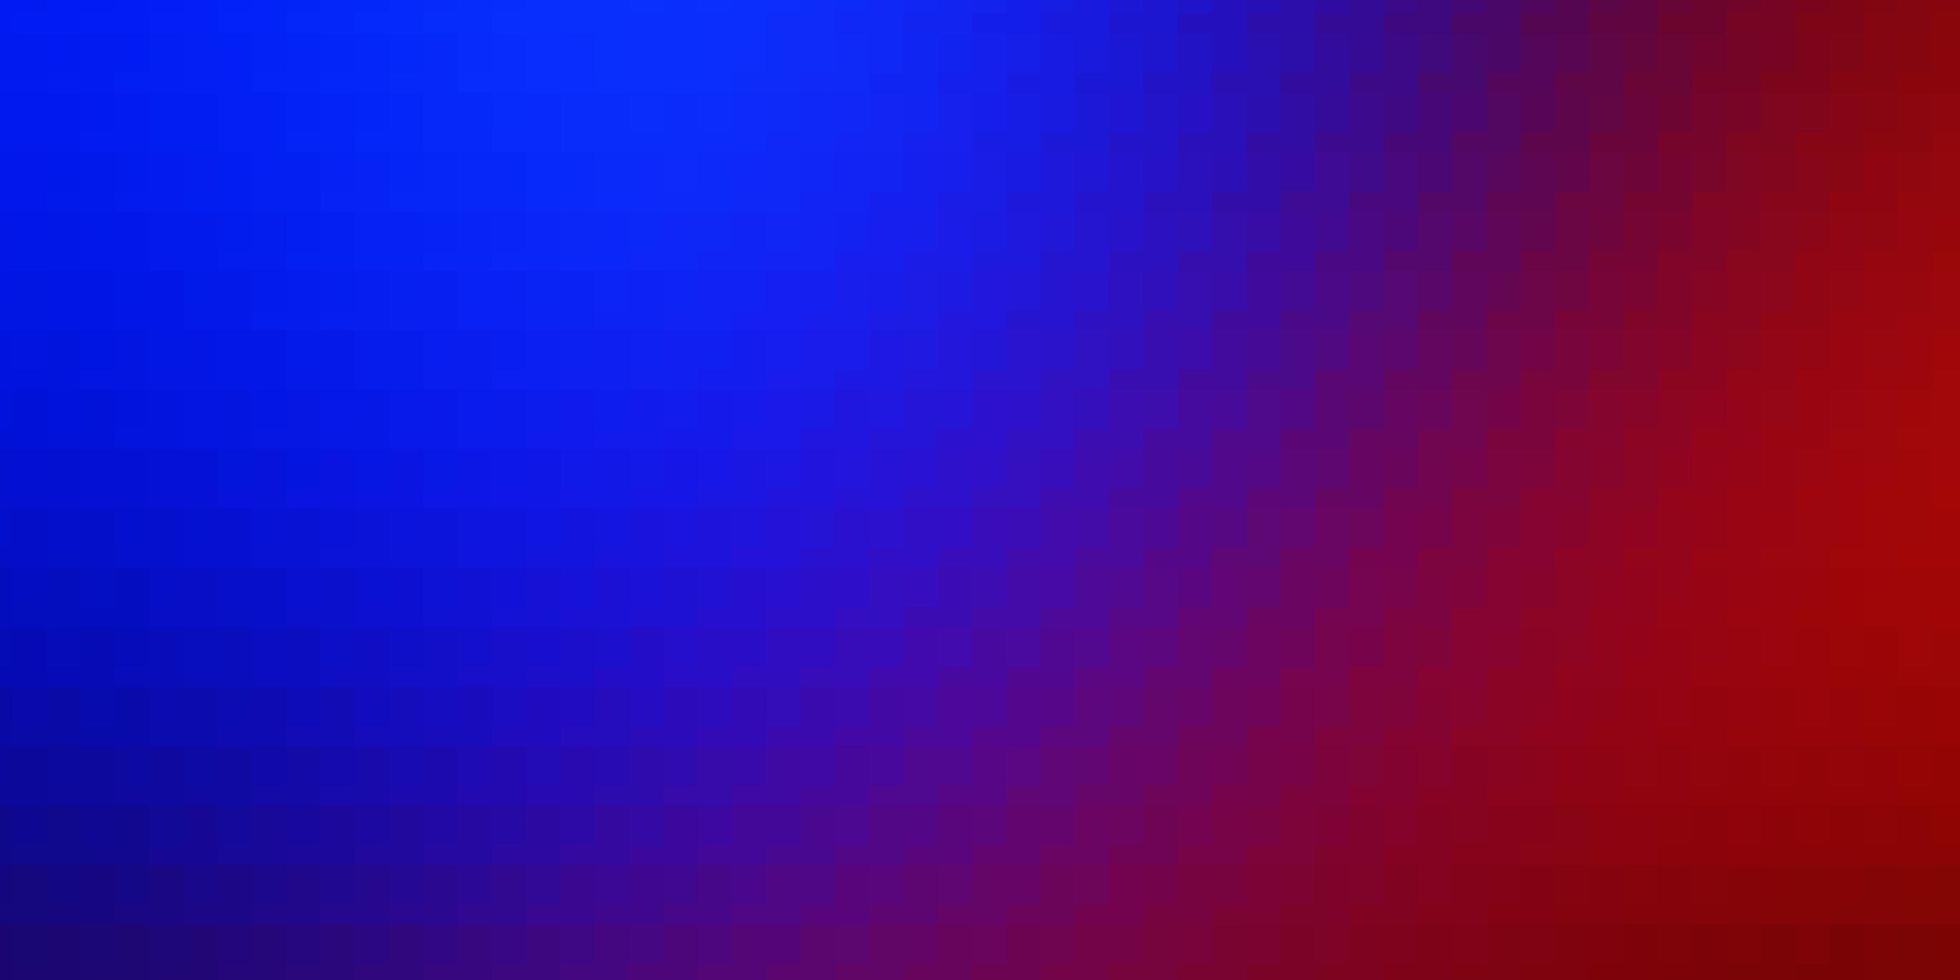 blå och röd konsistens i rektangulär stil. vektor